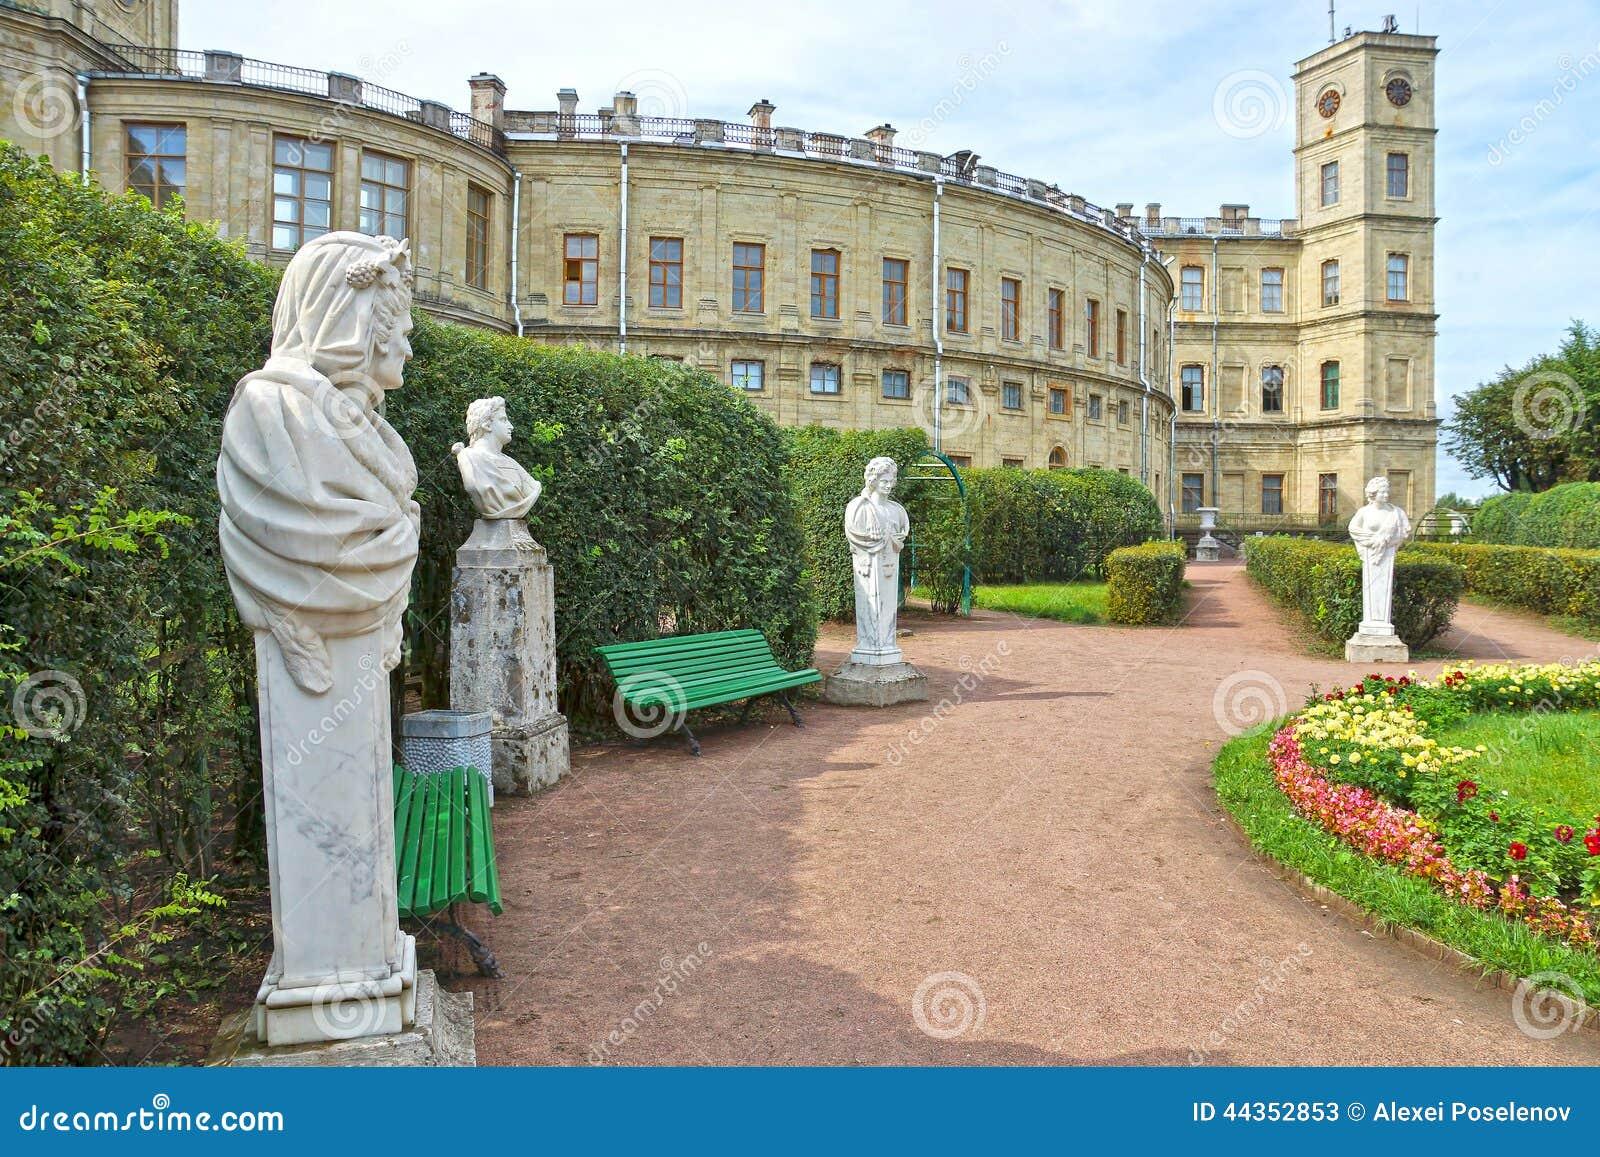 Oude standbeelden in de tuin naast Paleis